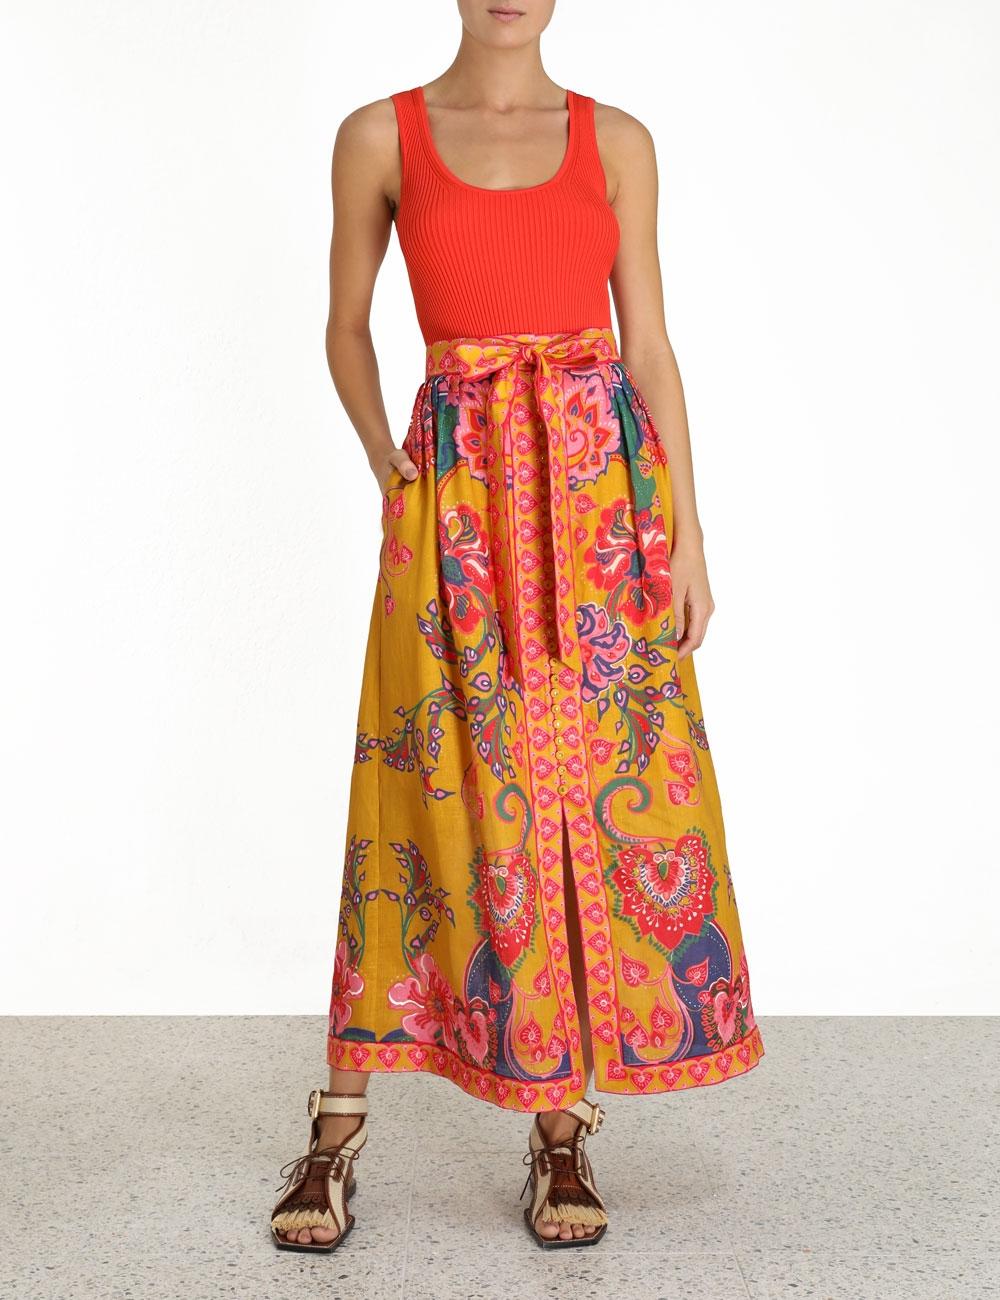 The Lovestruck Buttoned Skirt